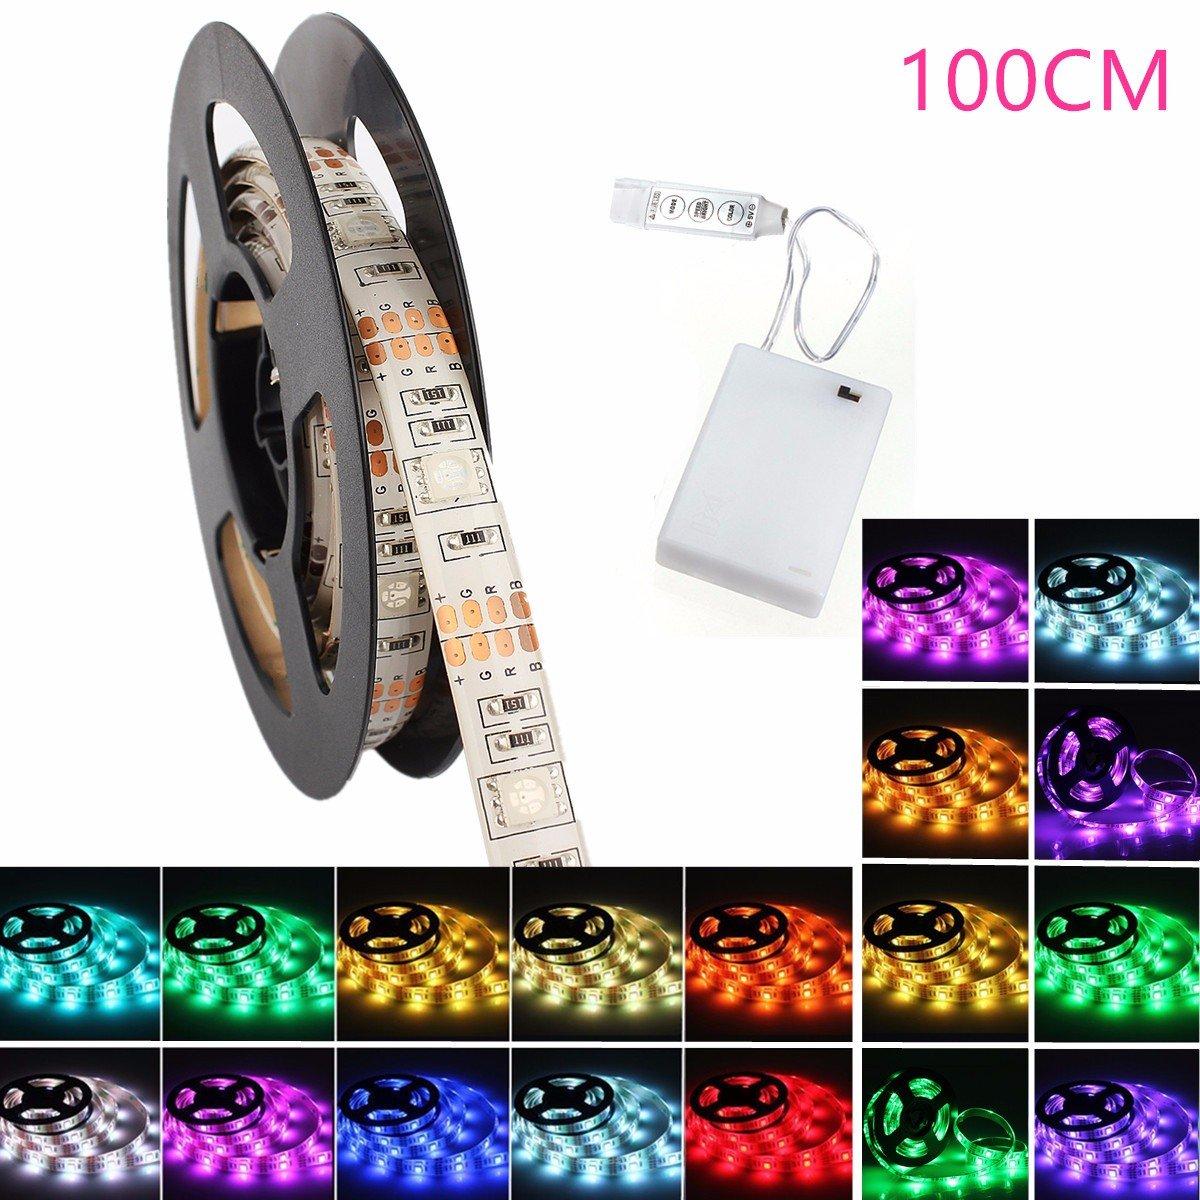 LED Streifen Strip, GLISTENY Flexible Lichter Band Leiste RGB 5050 SMD Lichtschlauch Wasserdicht IP65 Batteriebetriebenes Dekorative Licht Schnur DC4.5V + Battery Box 50cm [Energieklasse A++] Glisteny Co. Ltd